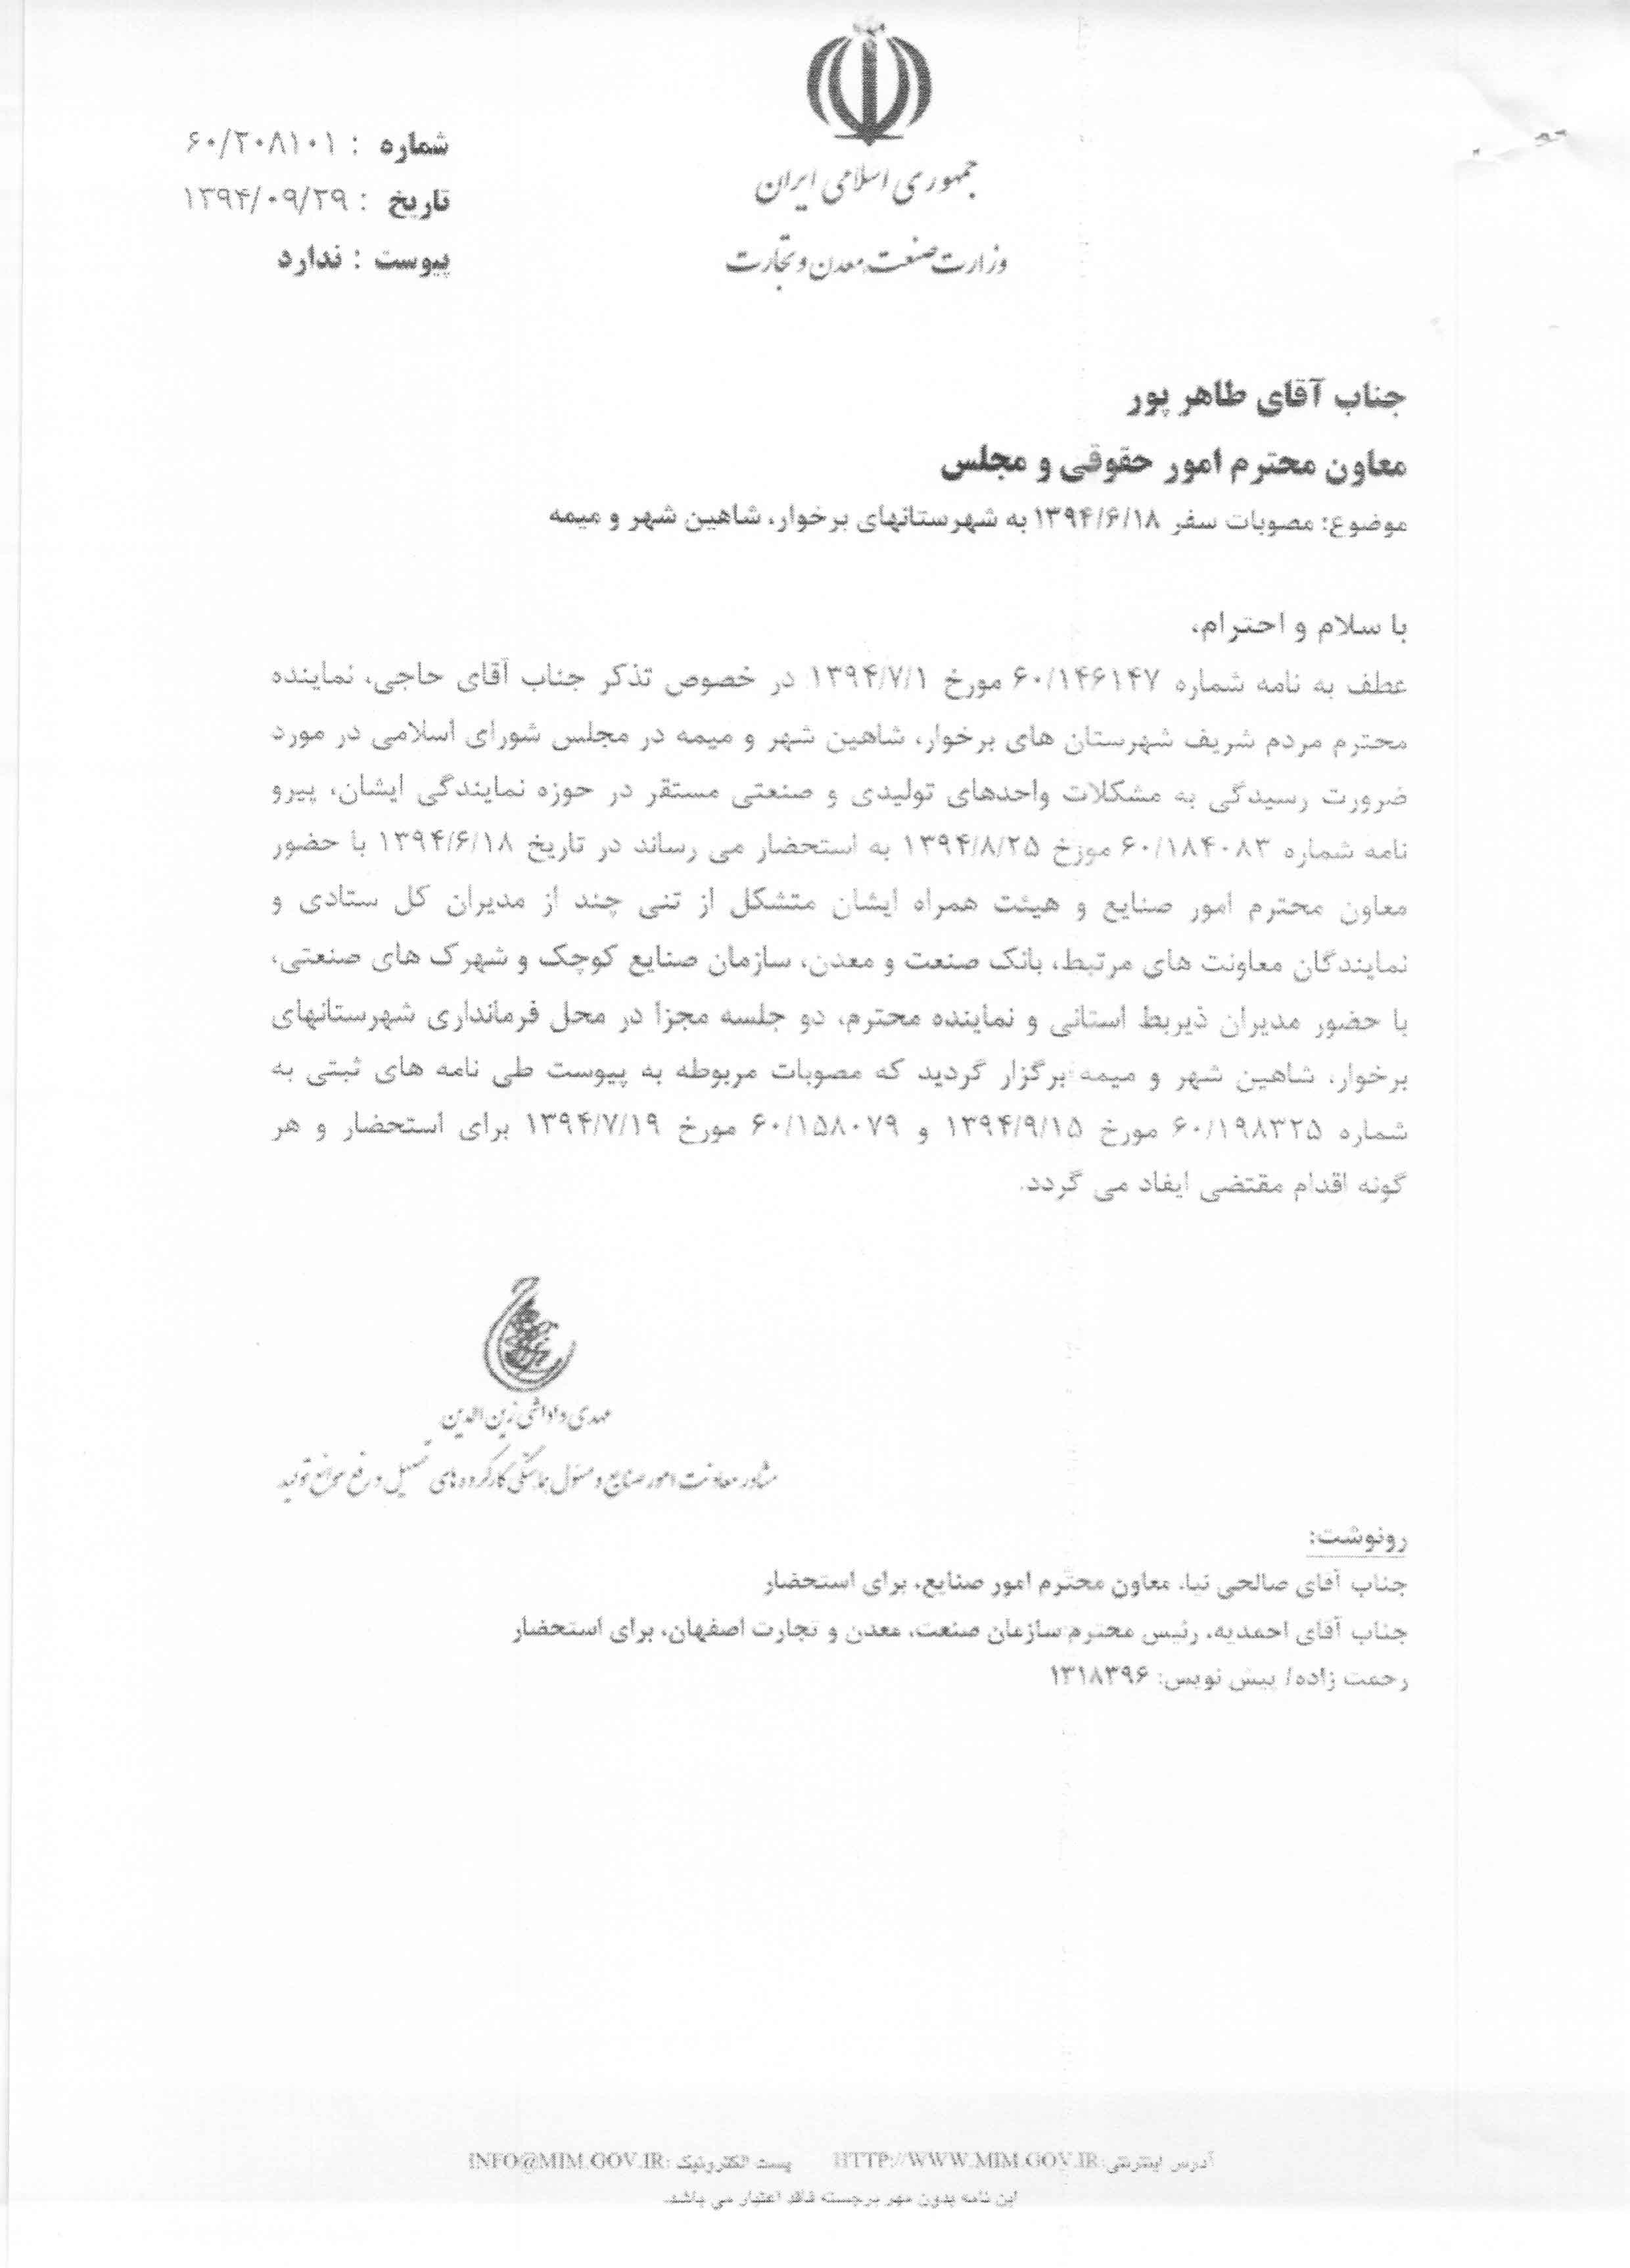 پاسخ وزارت صنعت، معدن و تجارت به تذکر کتبی آقای حاجی